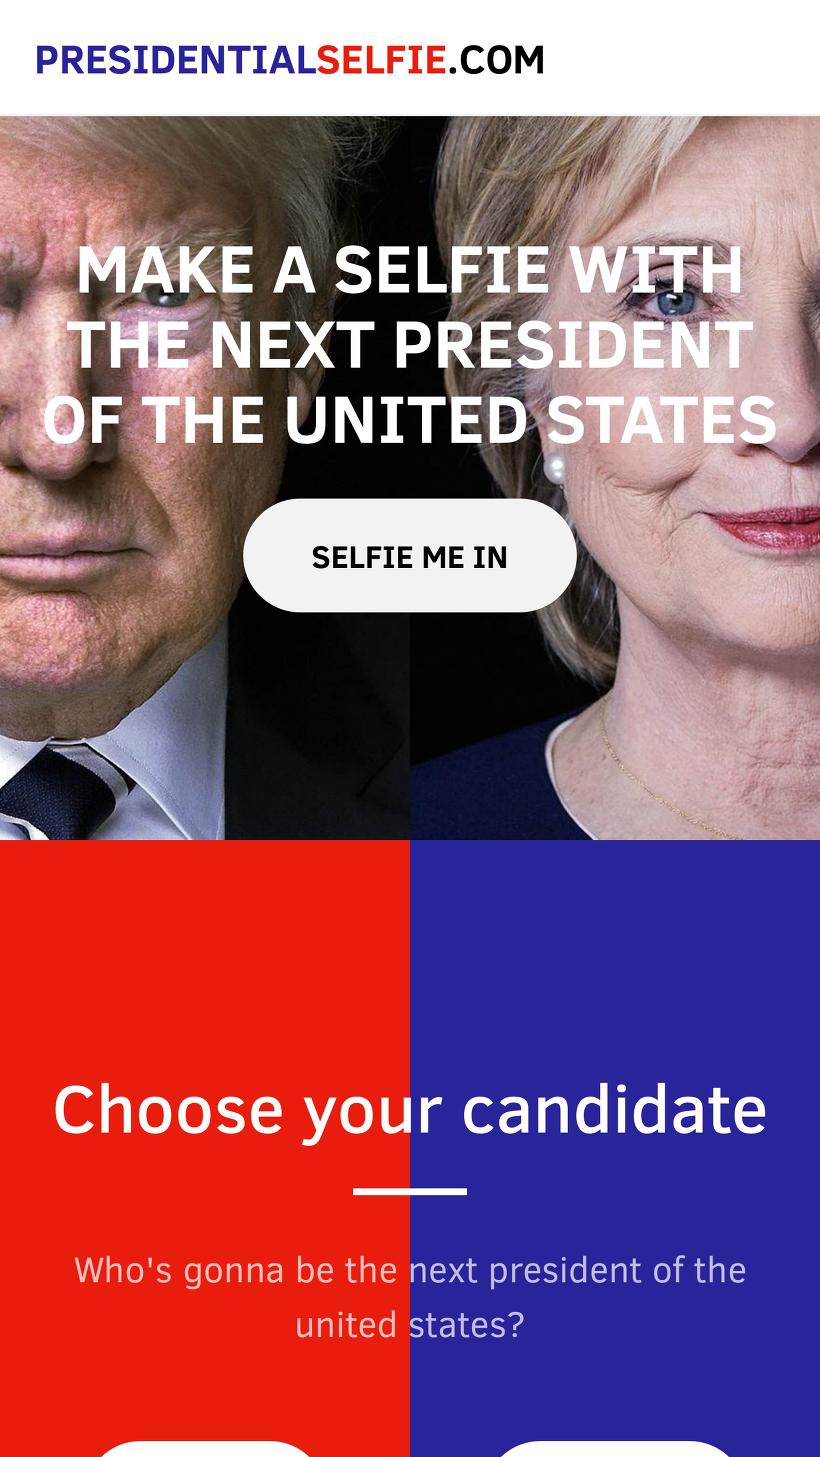 미국 대통령 트럼프와 민주당 대통령 후보 힐러리와 함께 셀카를 찍을수 있는 사이트-Presidentia Selfie